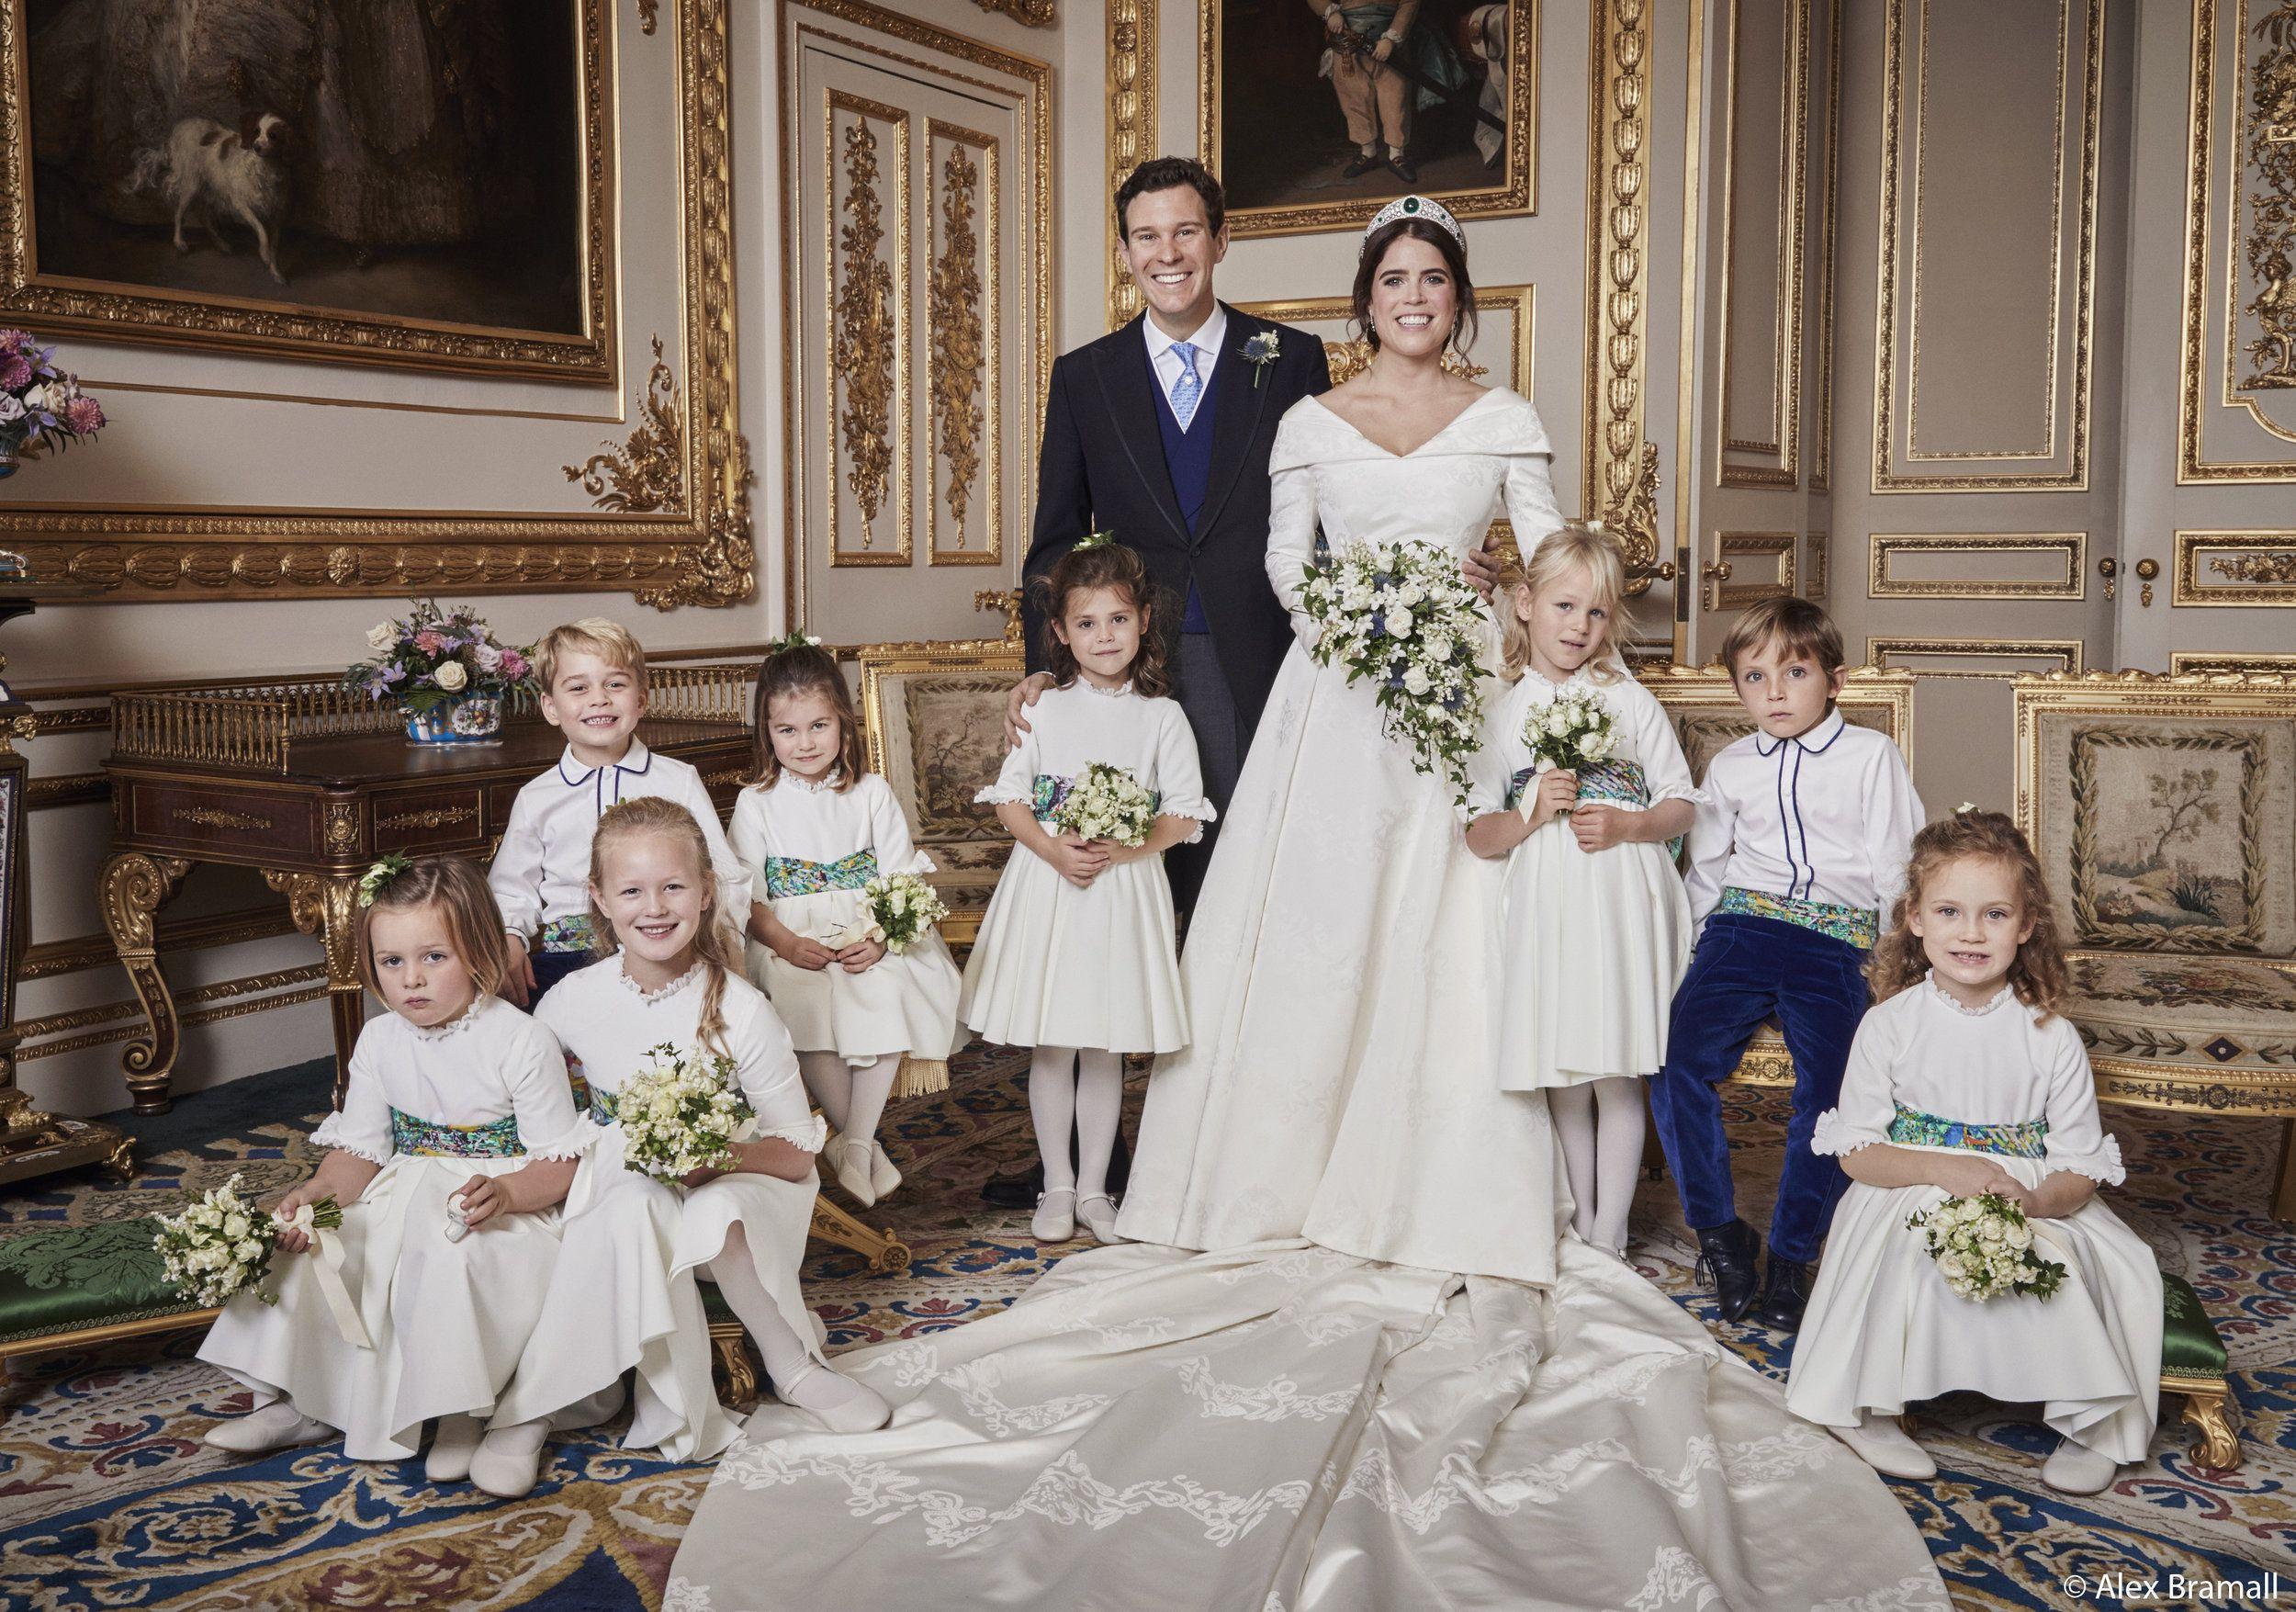 Eugenie Jack Die Hochzeitsfotos Sind Eine Sensation Royale Hochzeiten Hochzeitsportraits Prinzessin Eugenie